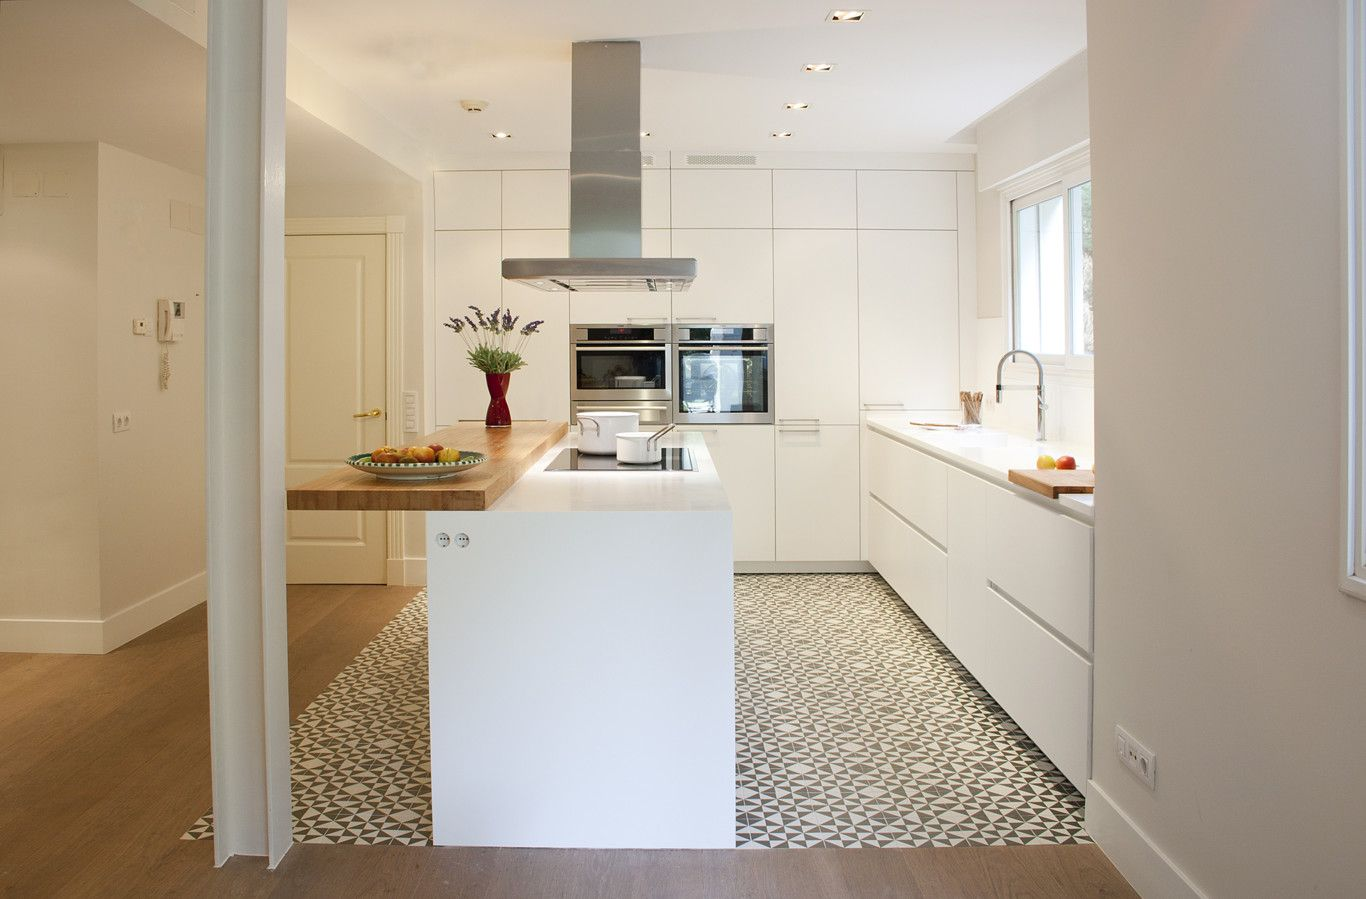 Una buena idea separar ambientes en la cocina con baldosa hidr ulica cocina valencia - Baldosa hidraulica cocina ...